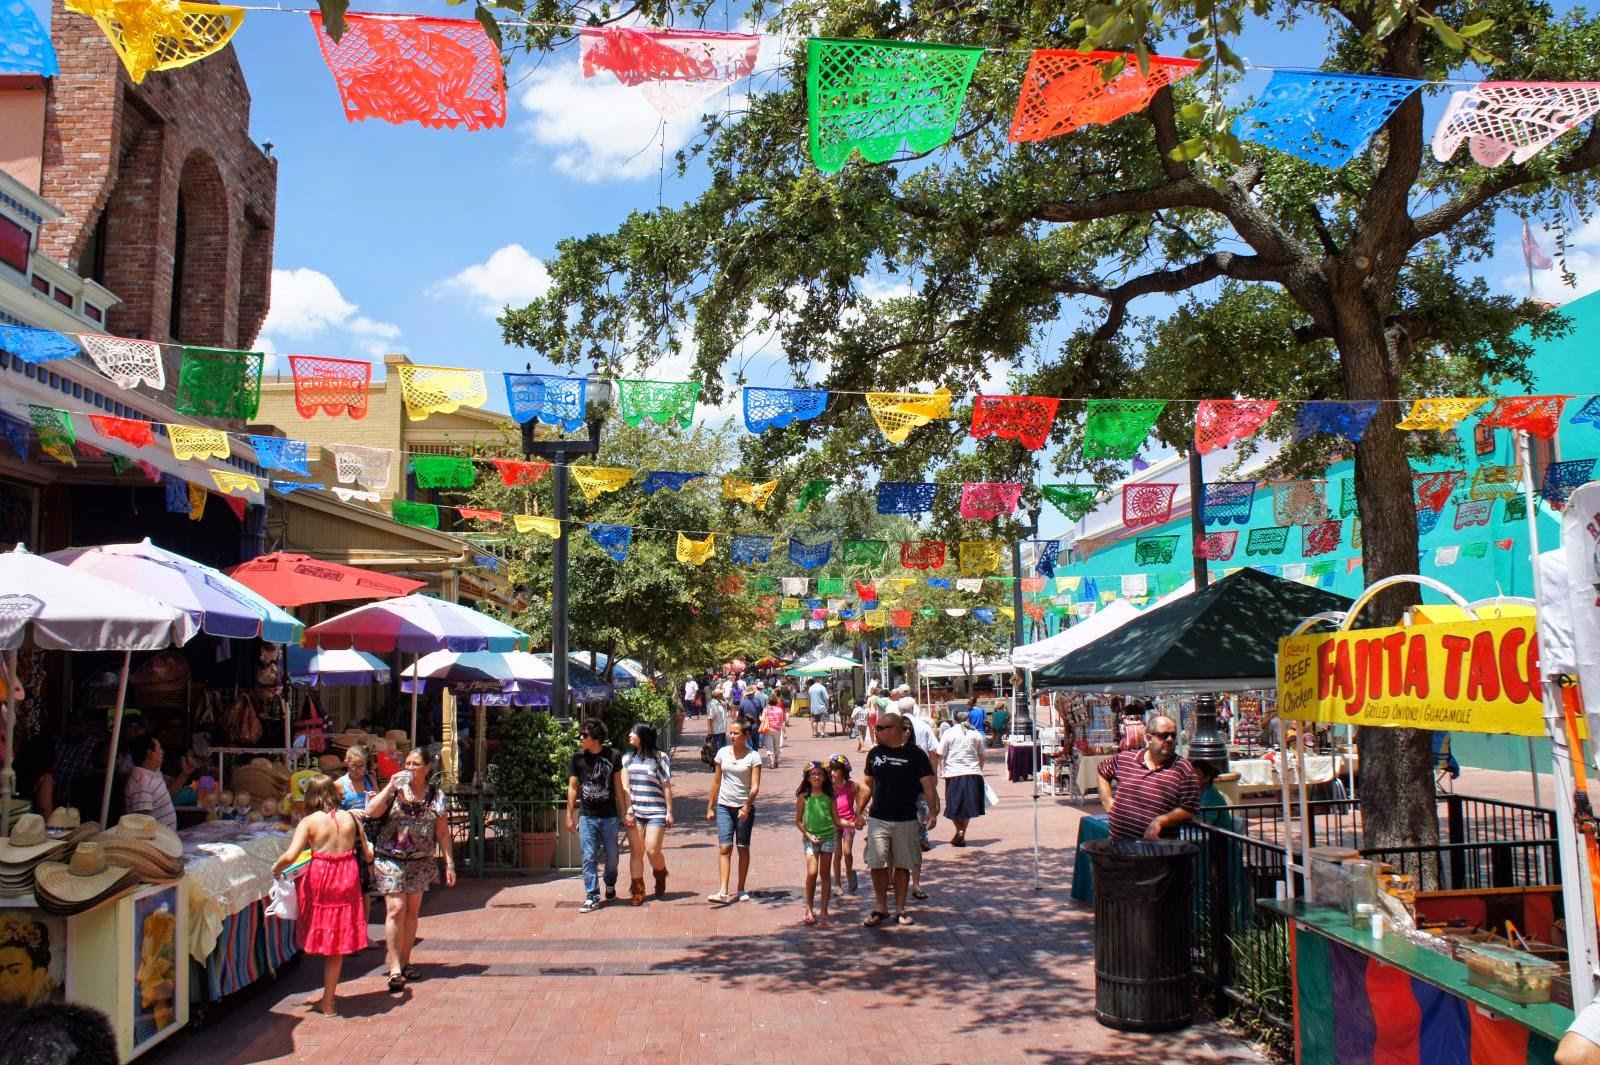 Abt Unk Travel Tuesday El Mercado In San Antonio 1980